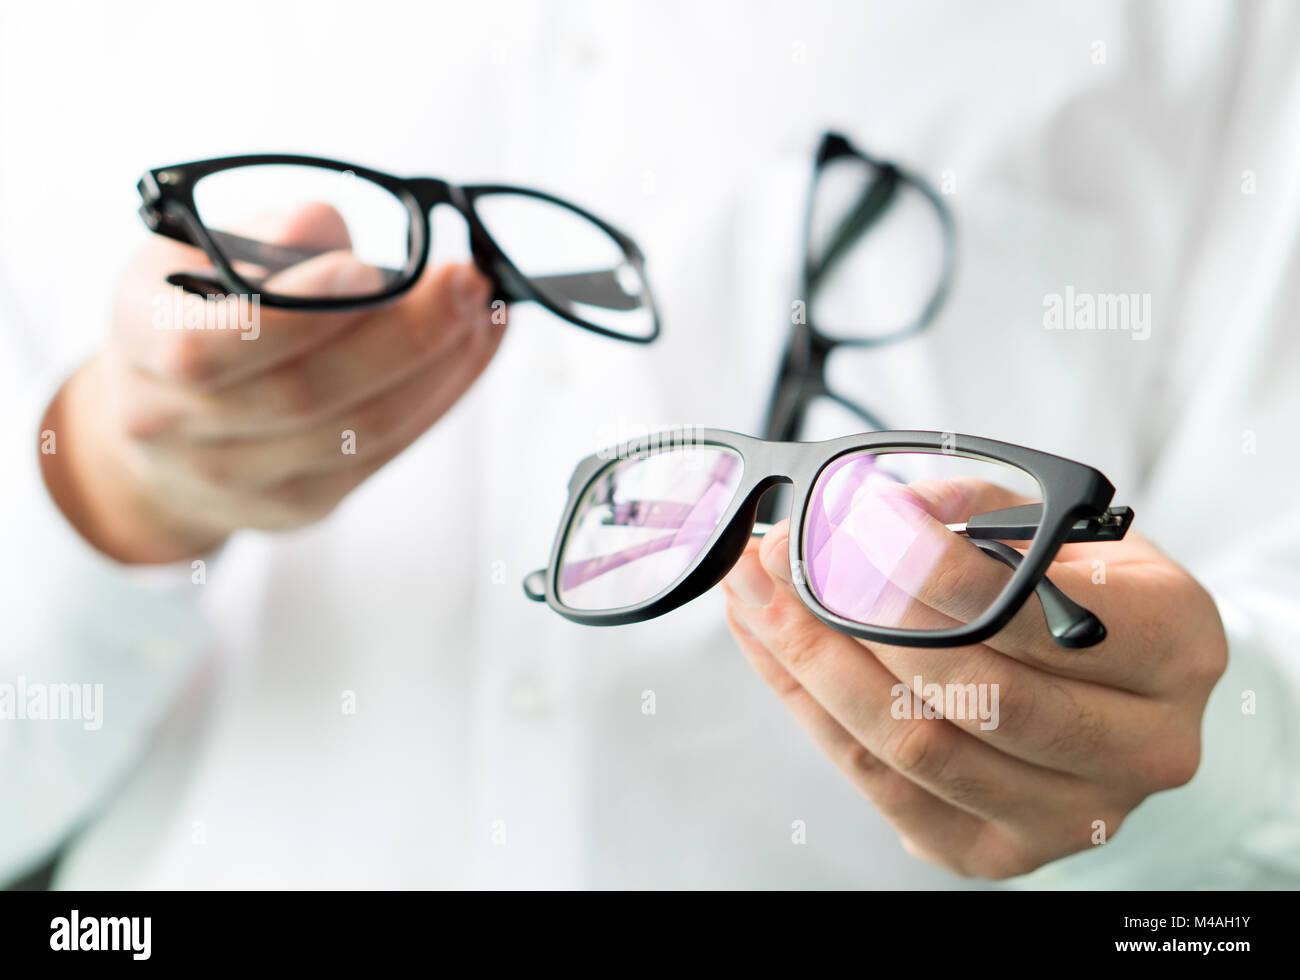 Ottico confrontando le lenti o che mostra il cliente diverse opzioni in occhiali. Occhio medico mostra nuovi occhiali. Immagini Stock